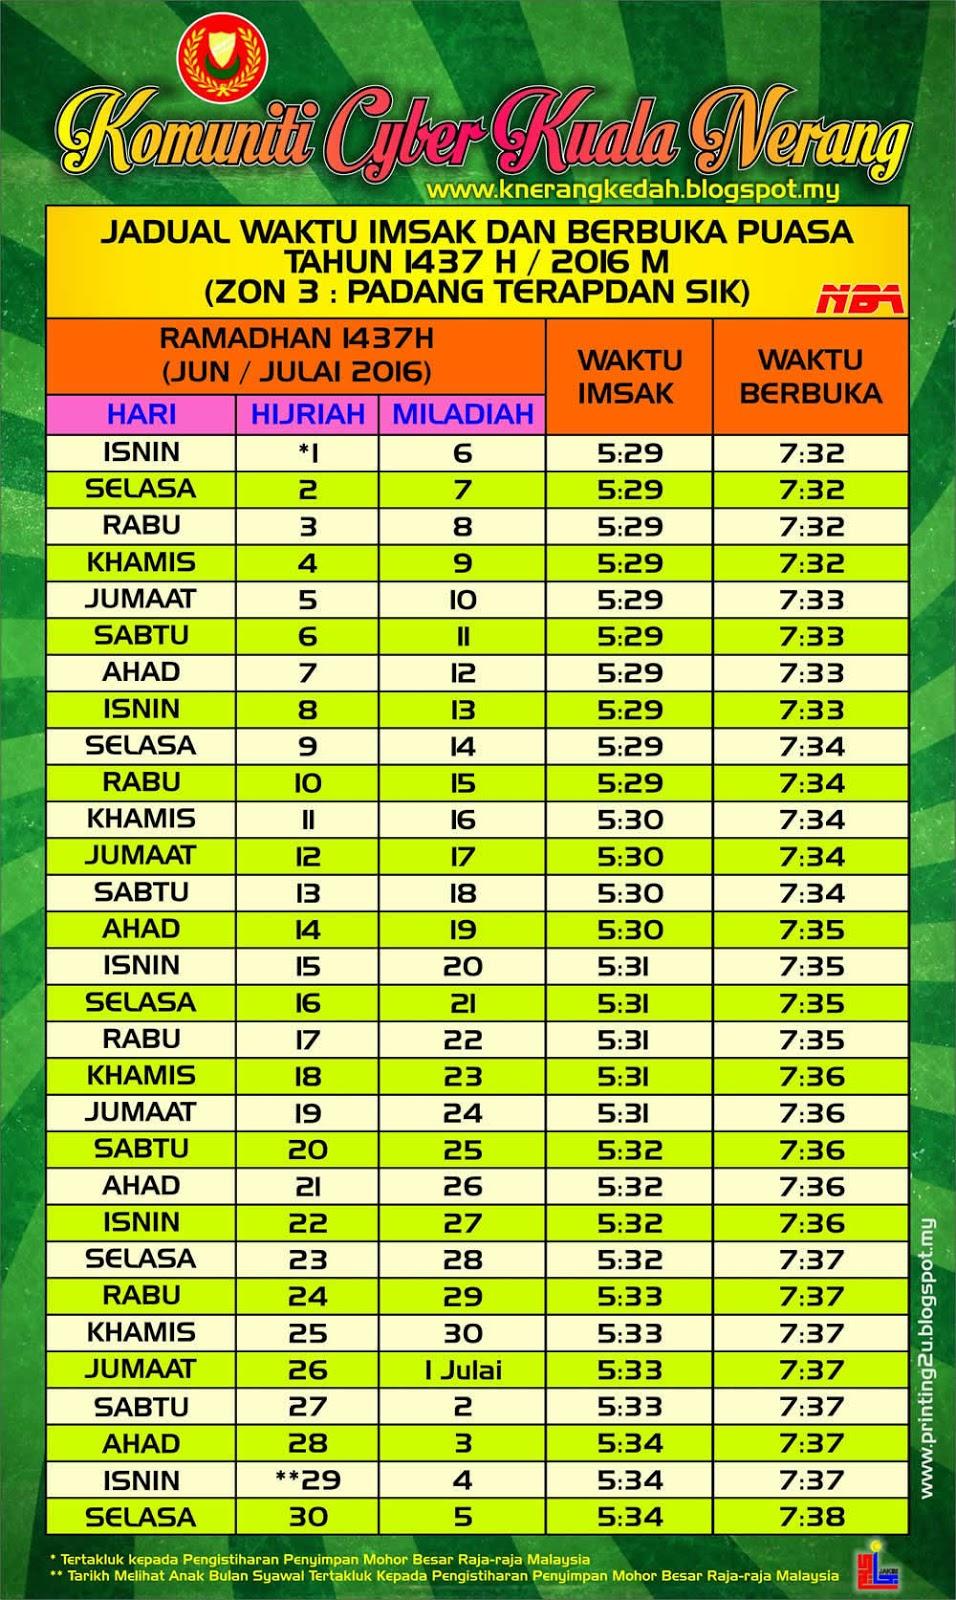 Kuala Nerang: Waktu Imsak & Berbuka Puasa bagi Negeri ...